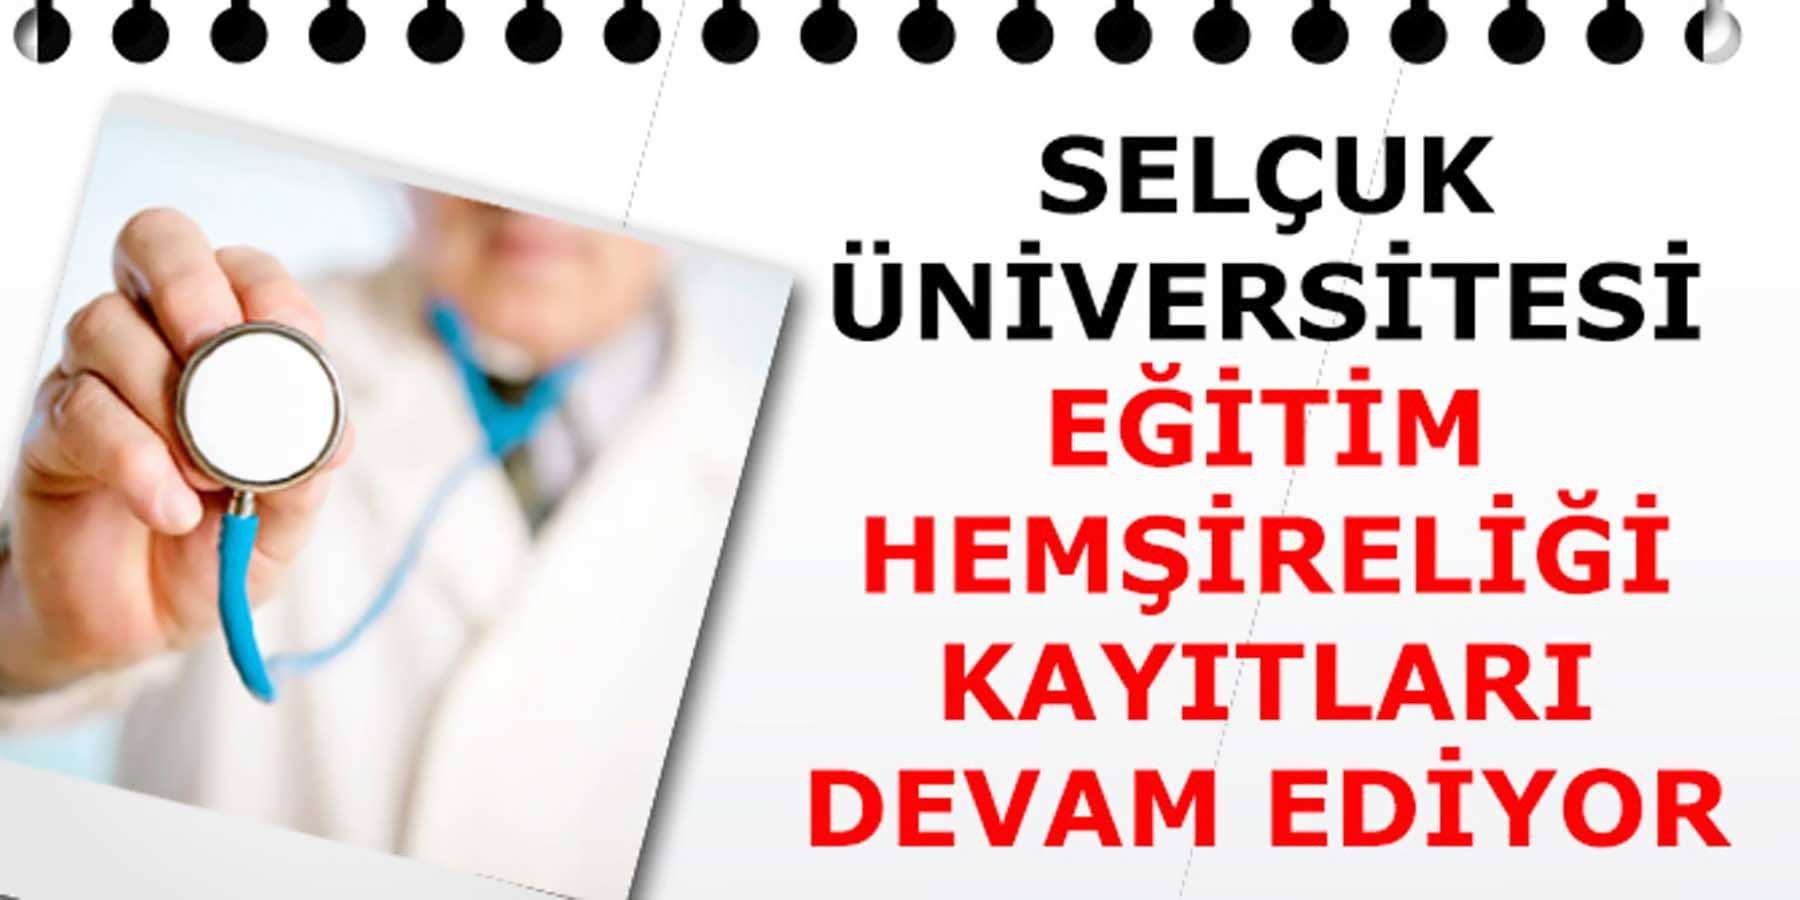 Selçuk Üniversitesi Eğitim Hemşireliği Sertifika Programı Başvuruları Devam Ediyor